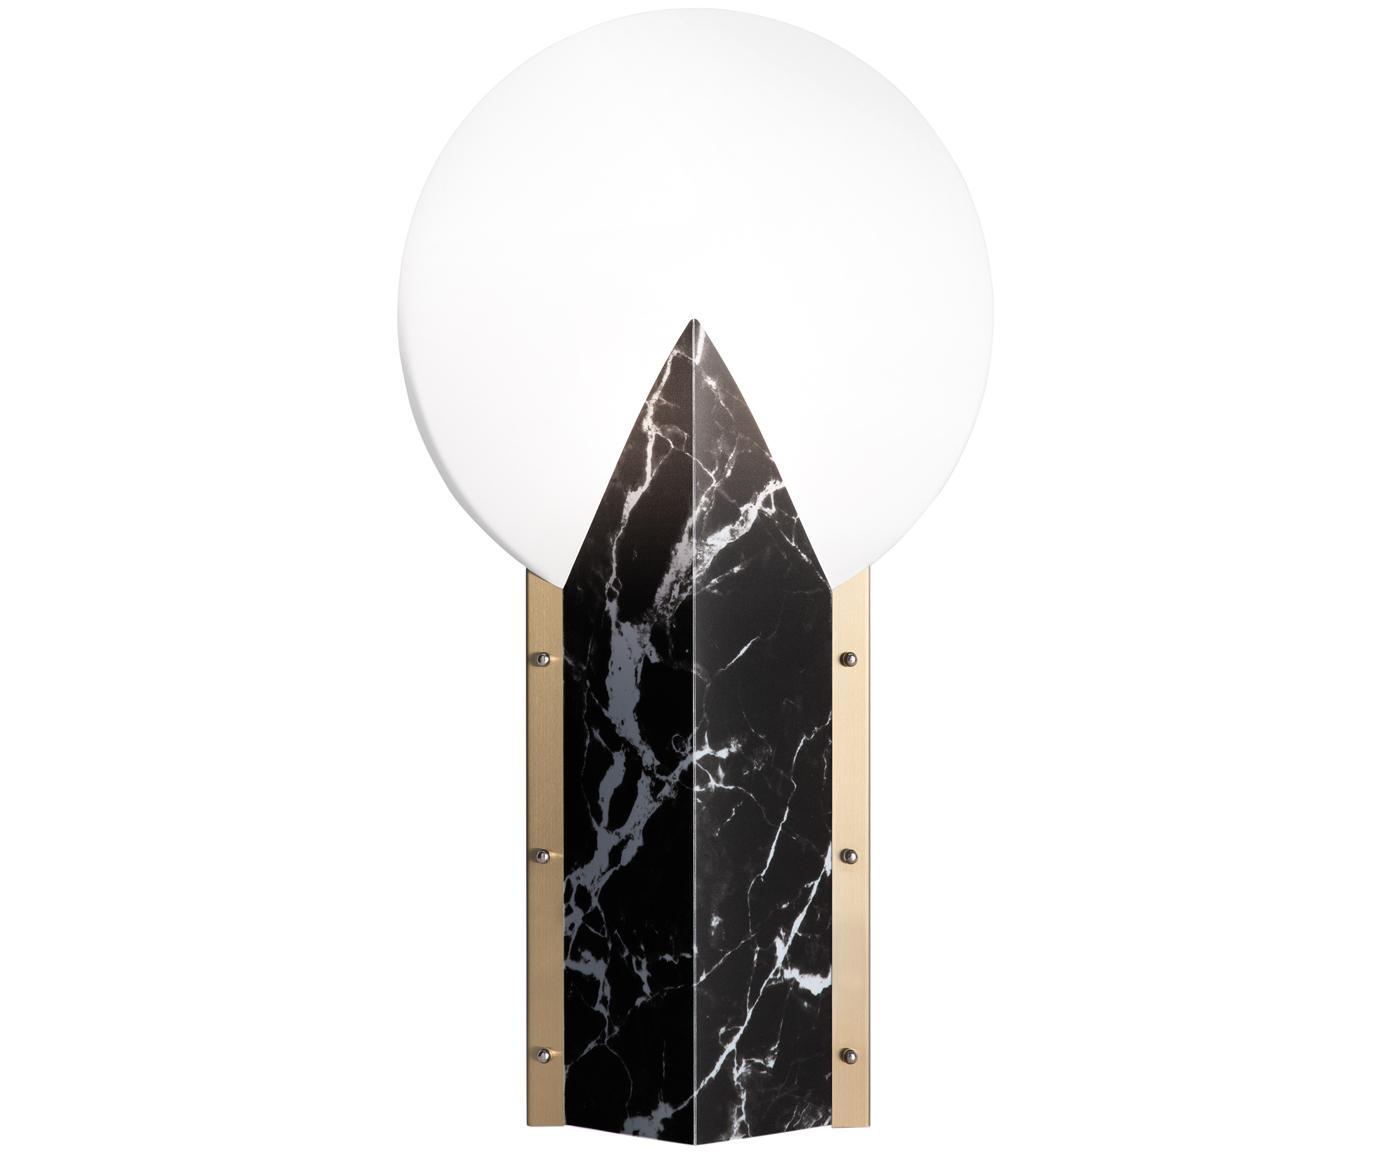 Design-Tischleuchte Moon, Lampenschirm: Technopolymer Opalflex®, , Lampenfuß: Aluminium, beschichtet, Weiß, Schwarz, 30 x 57 cm